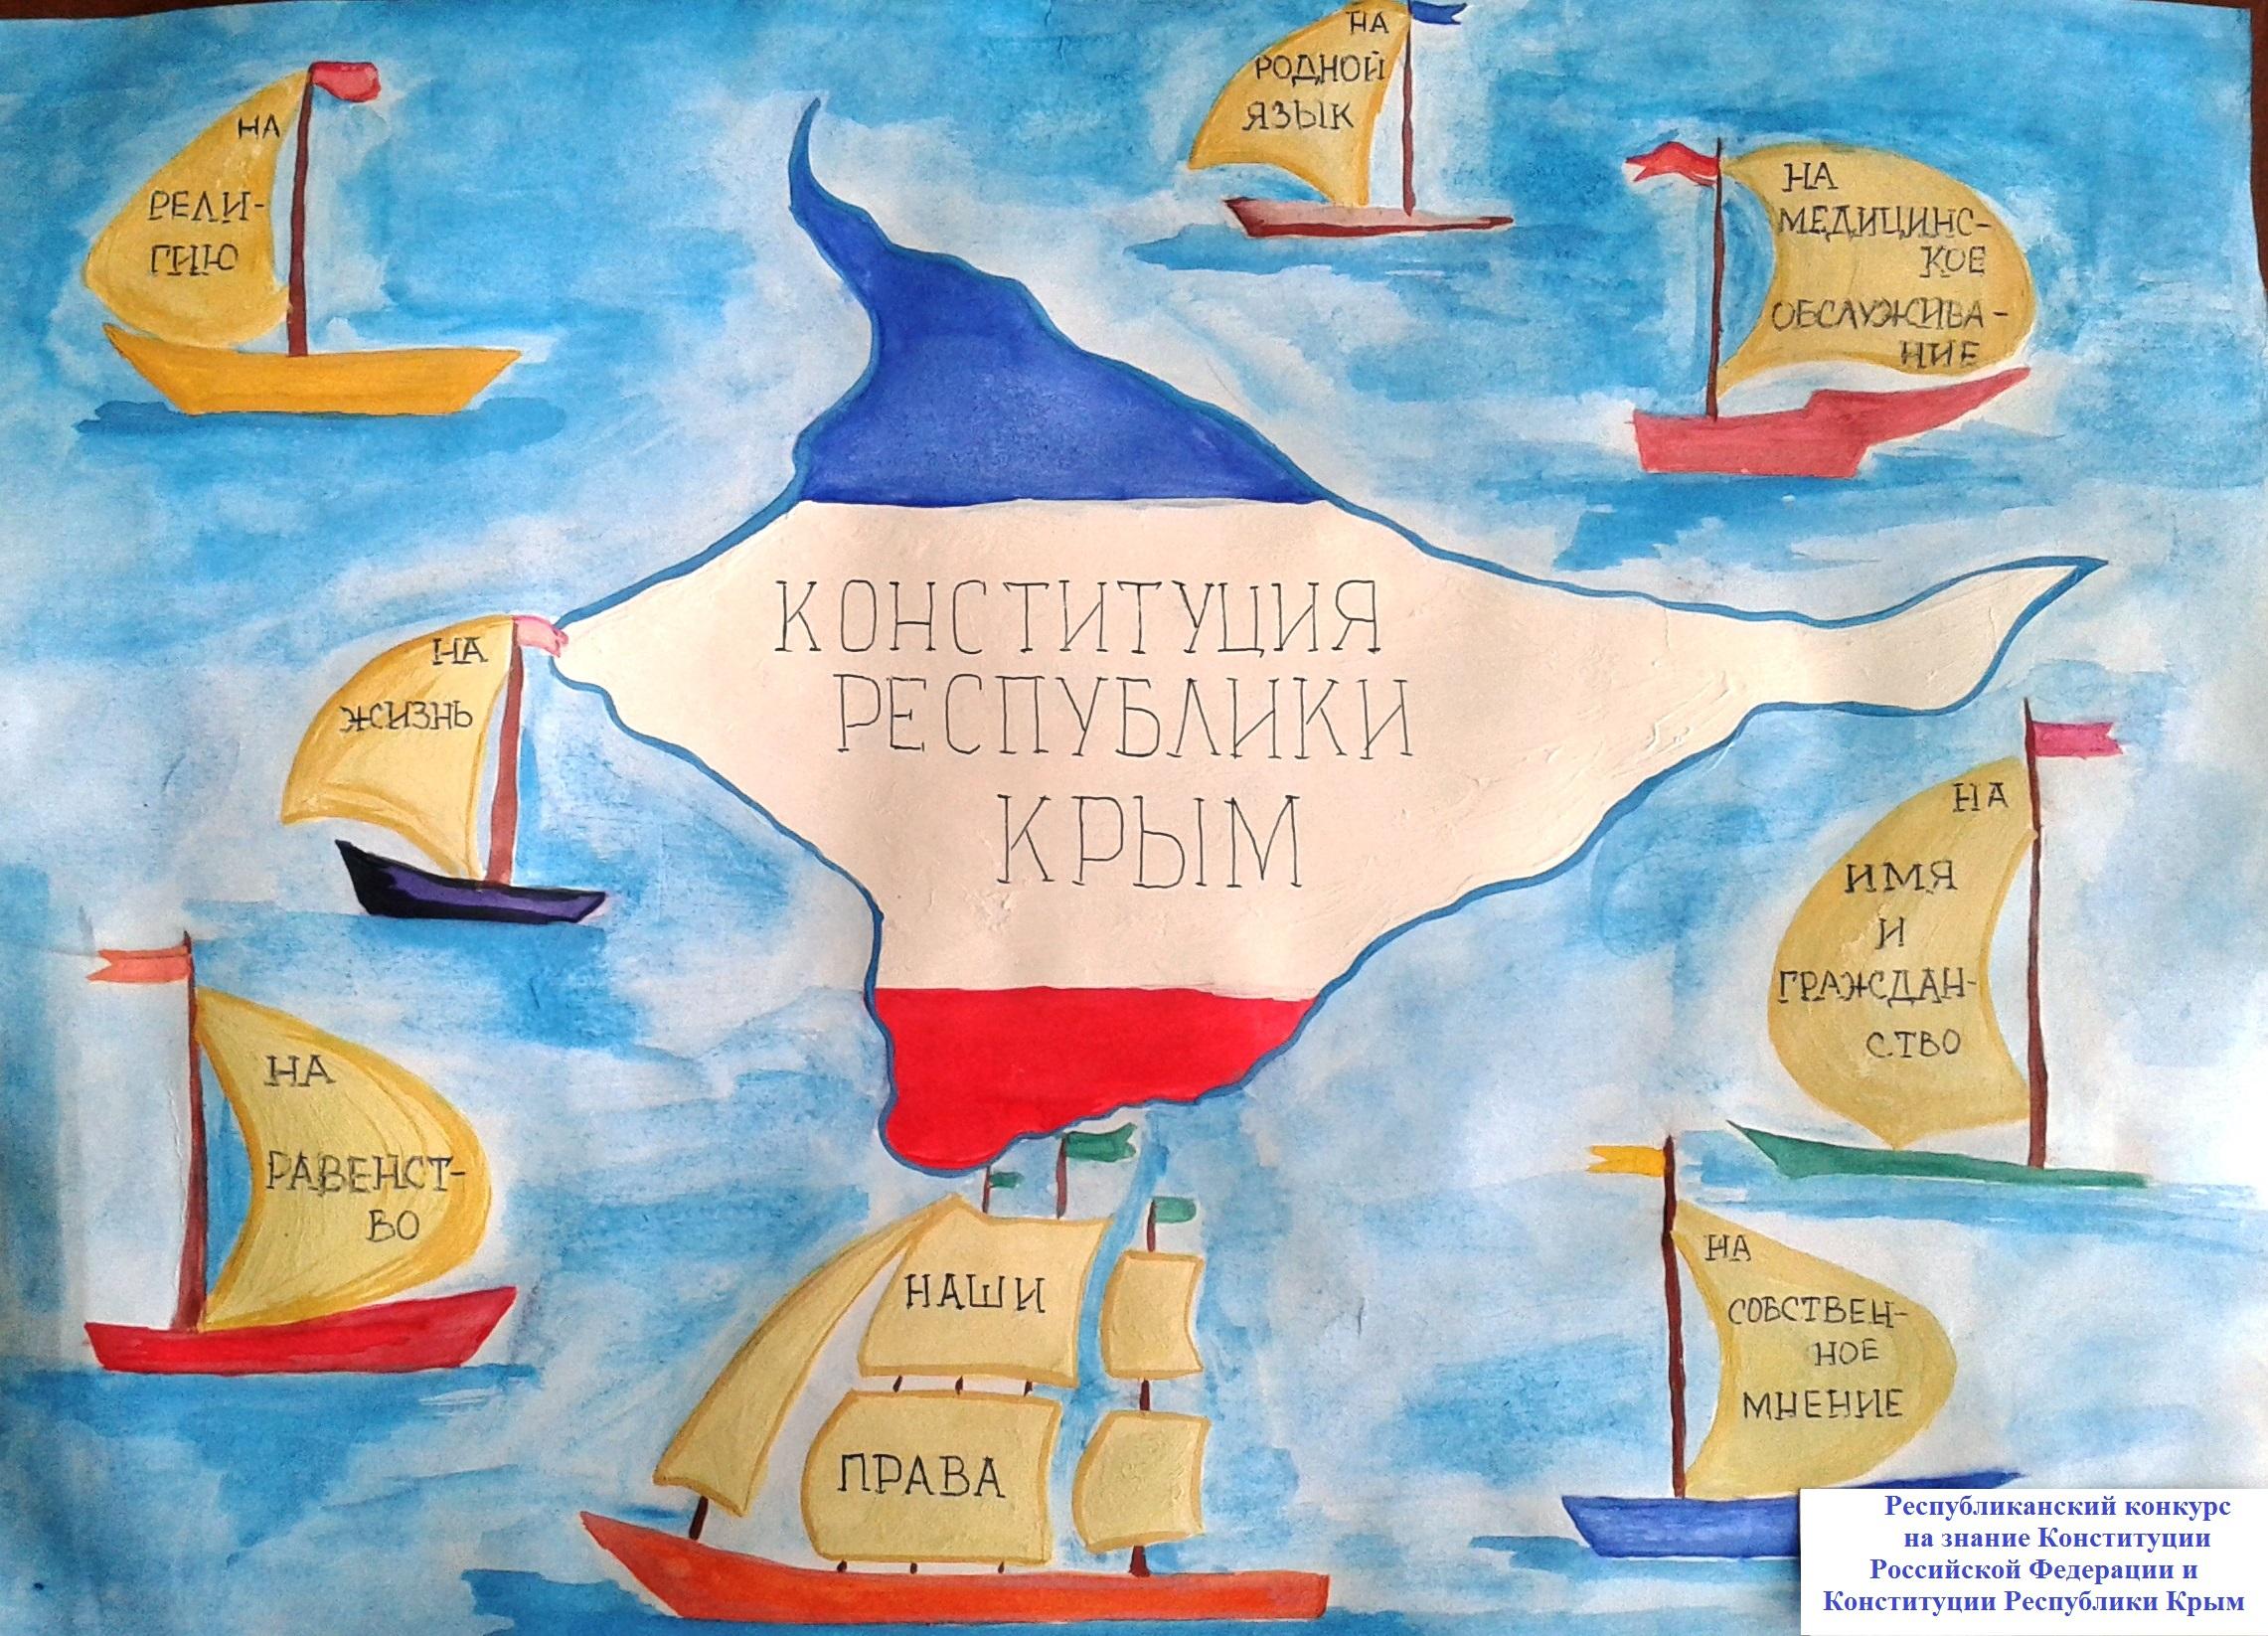 Рисунок о республике